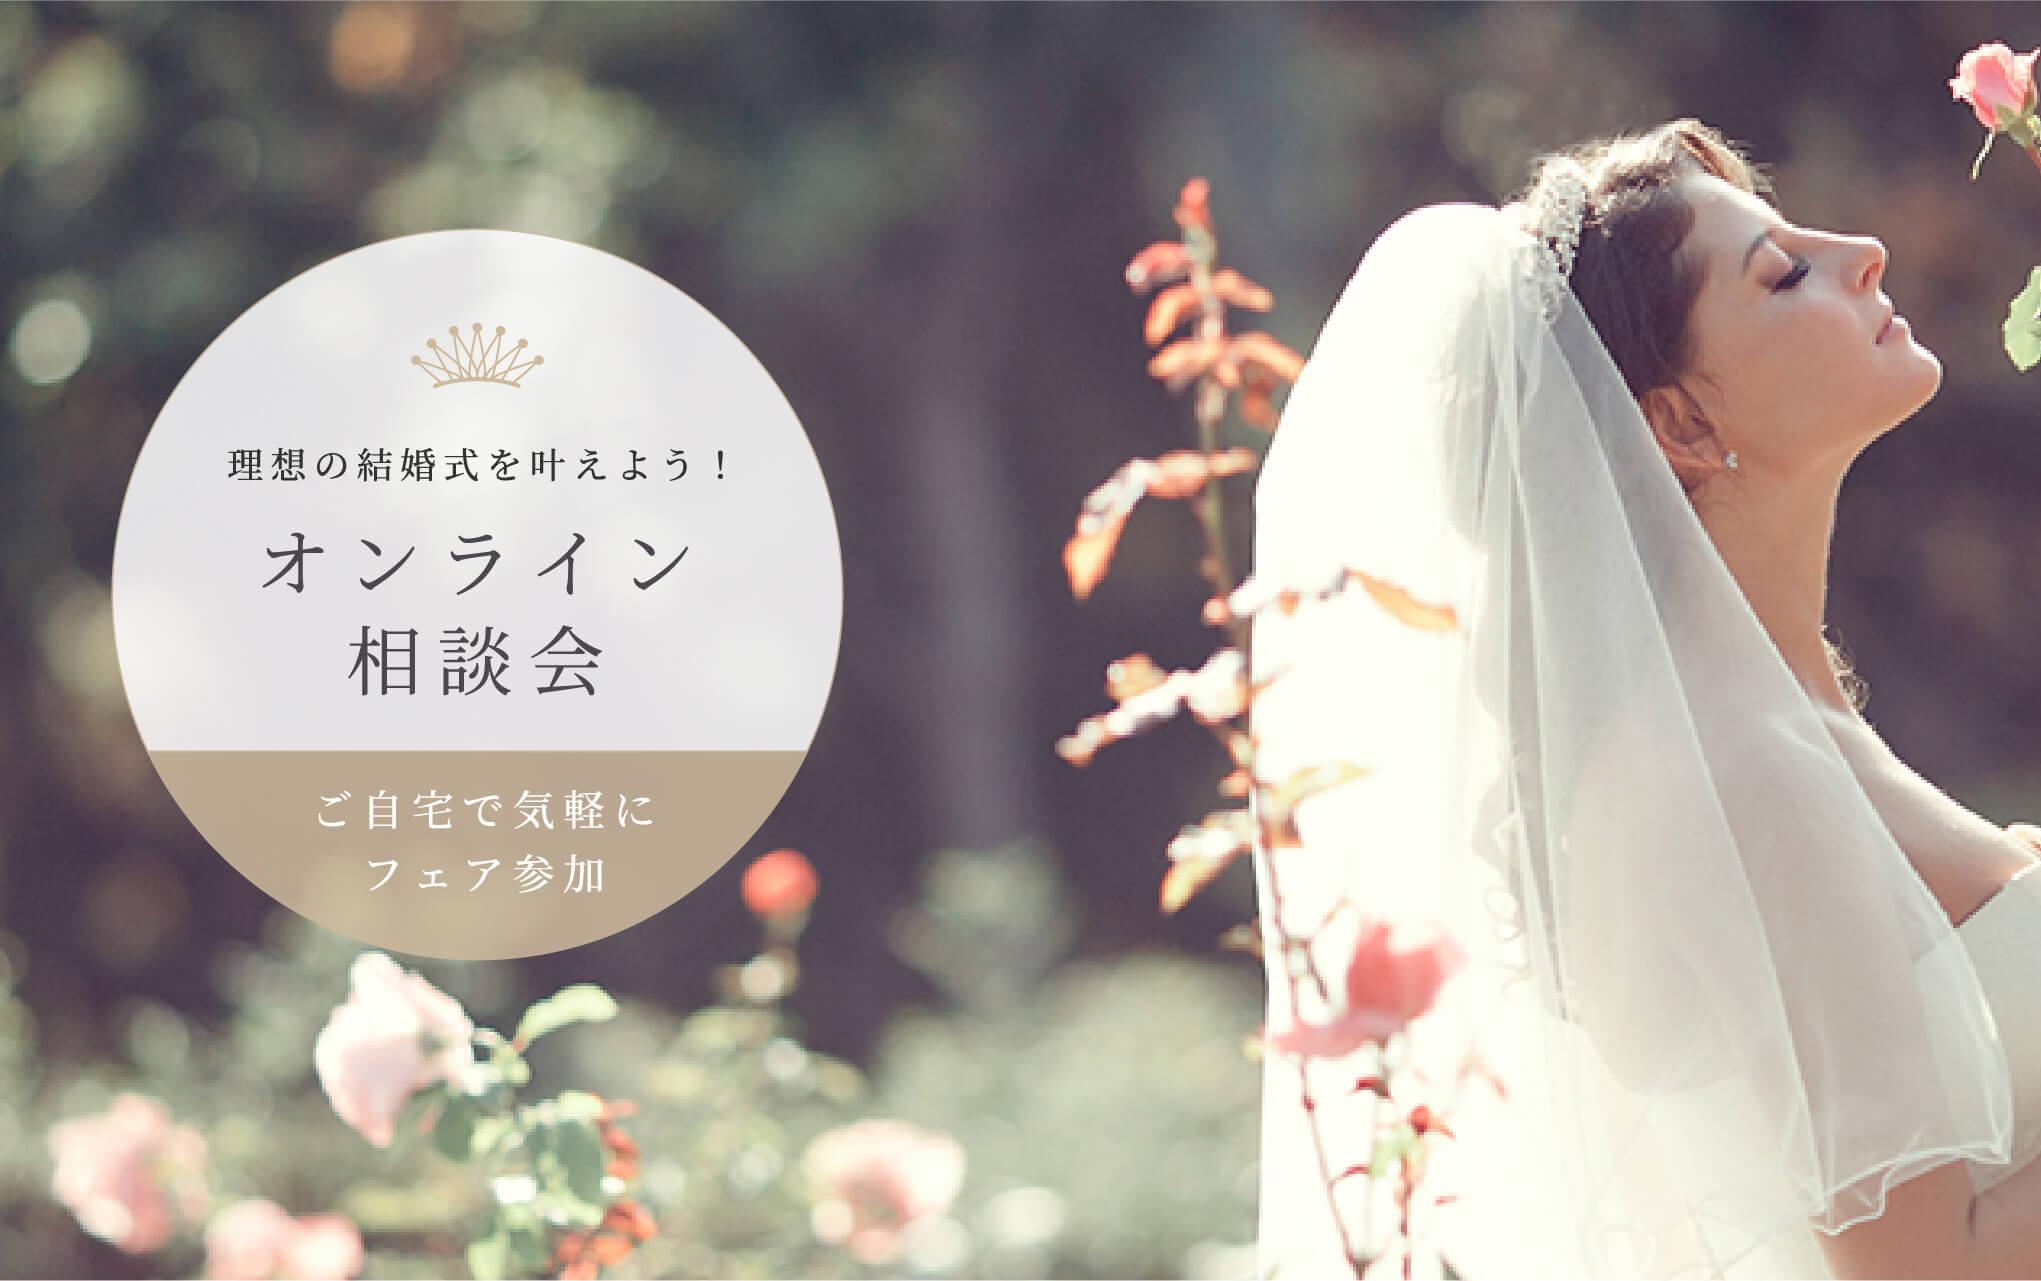 理想の結婚式を叶えよう!オンライン相談会 ご自宅で気軽にフェア参加